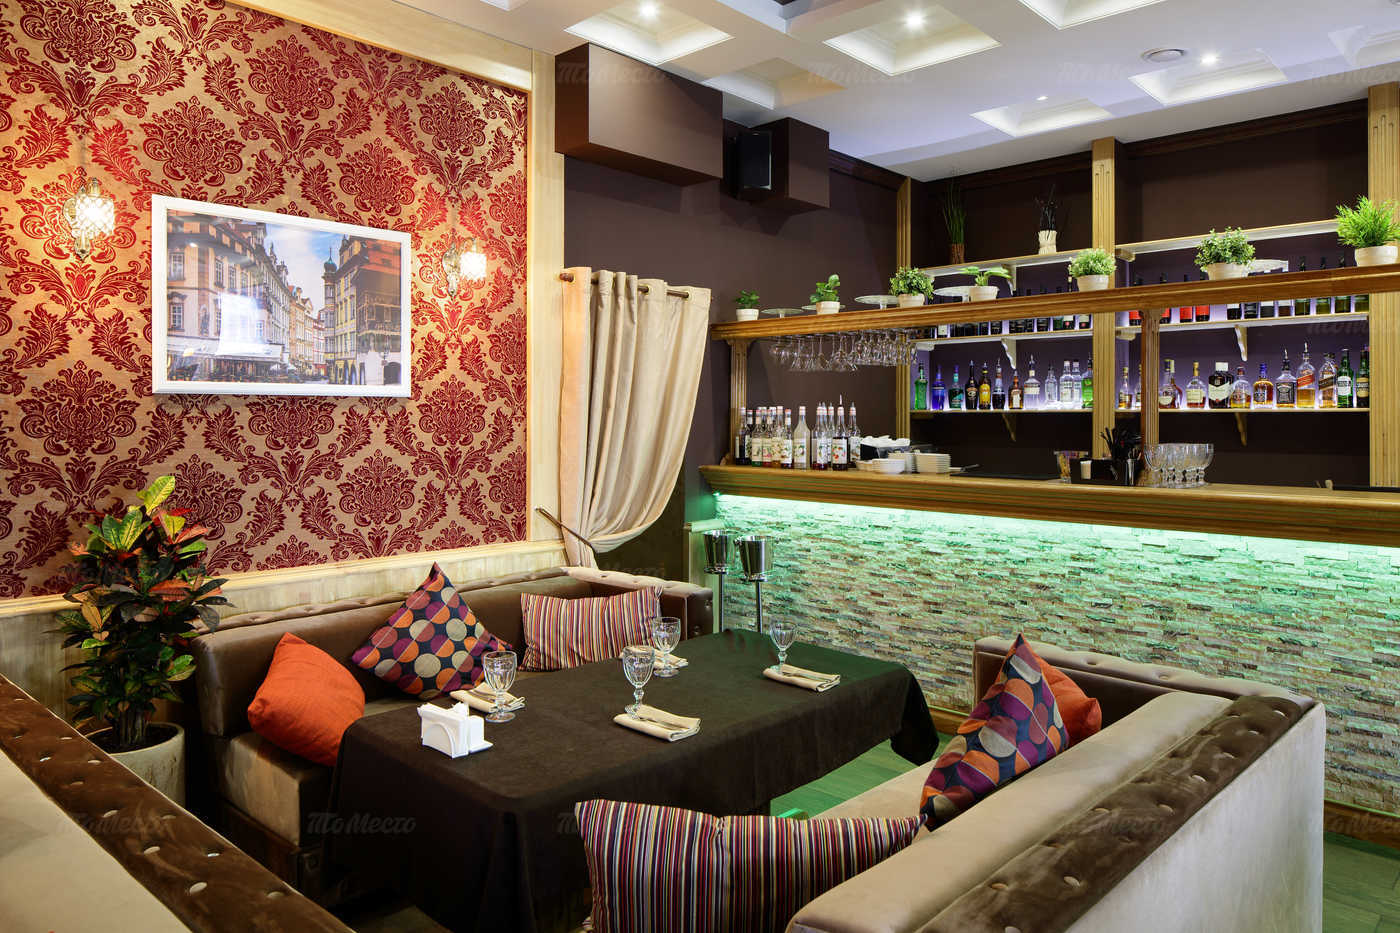 Меню кафе Кальянофф лаунж в Пятницком